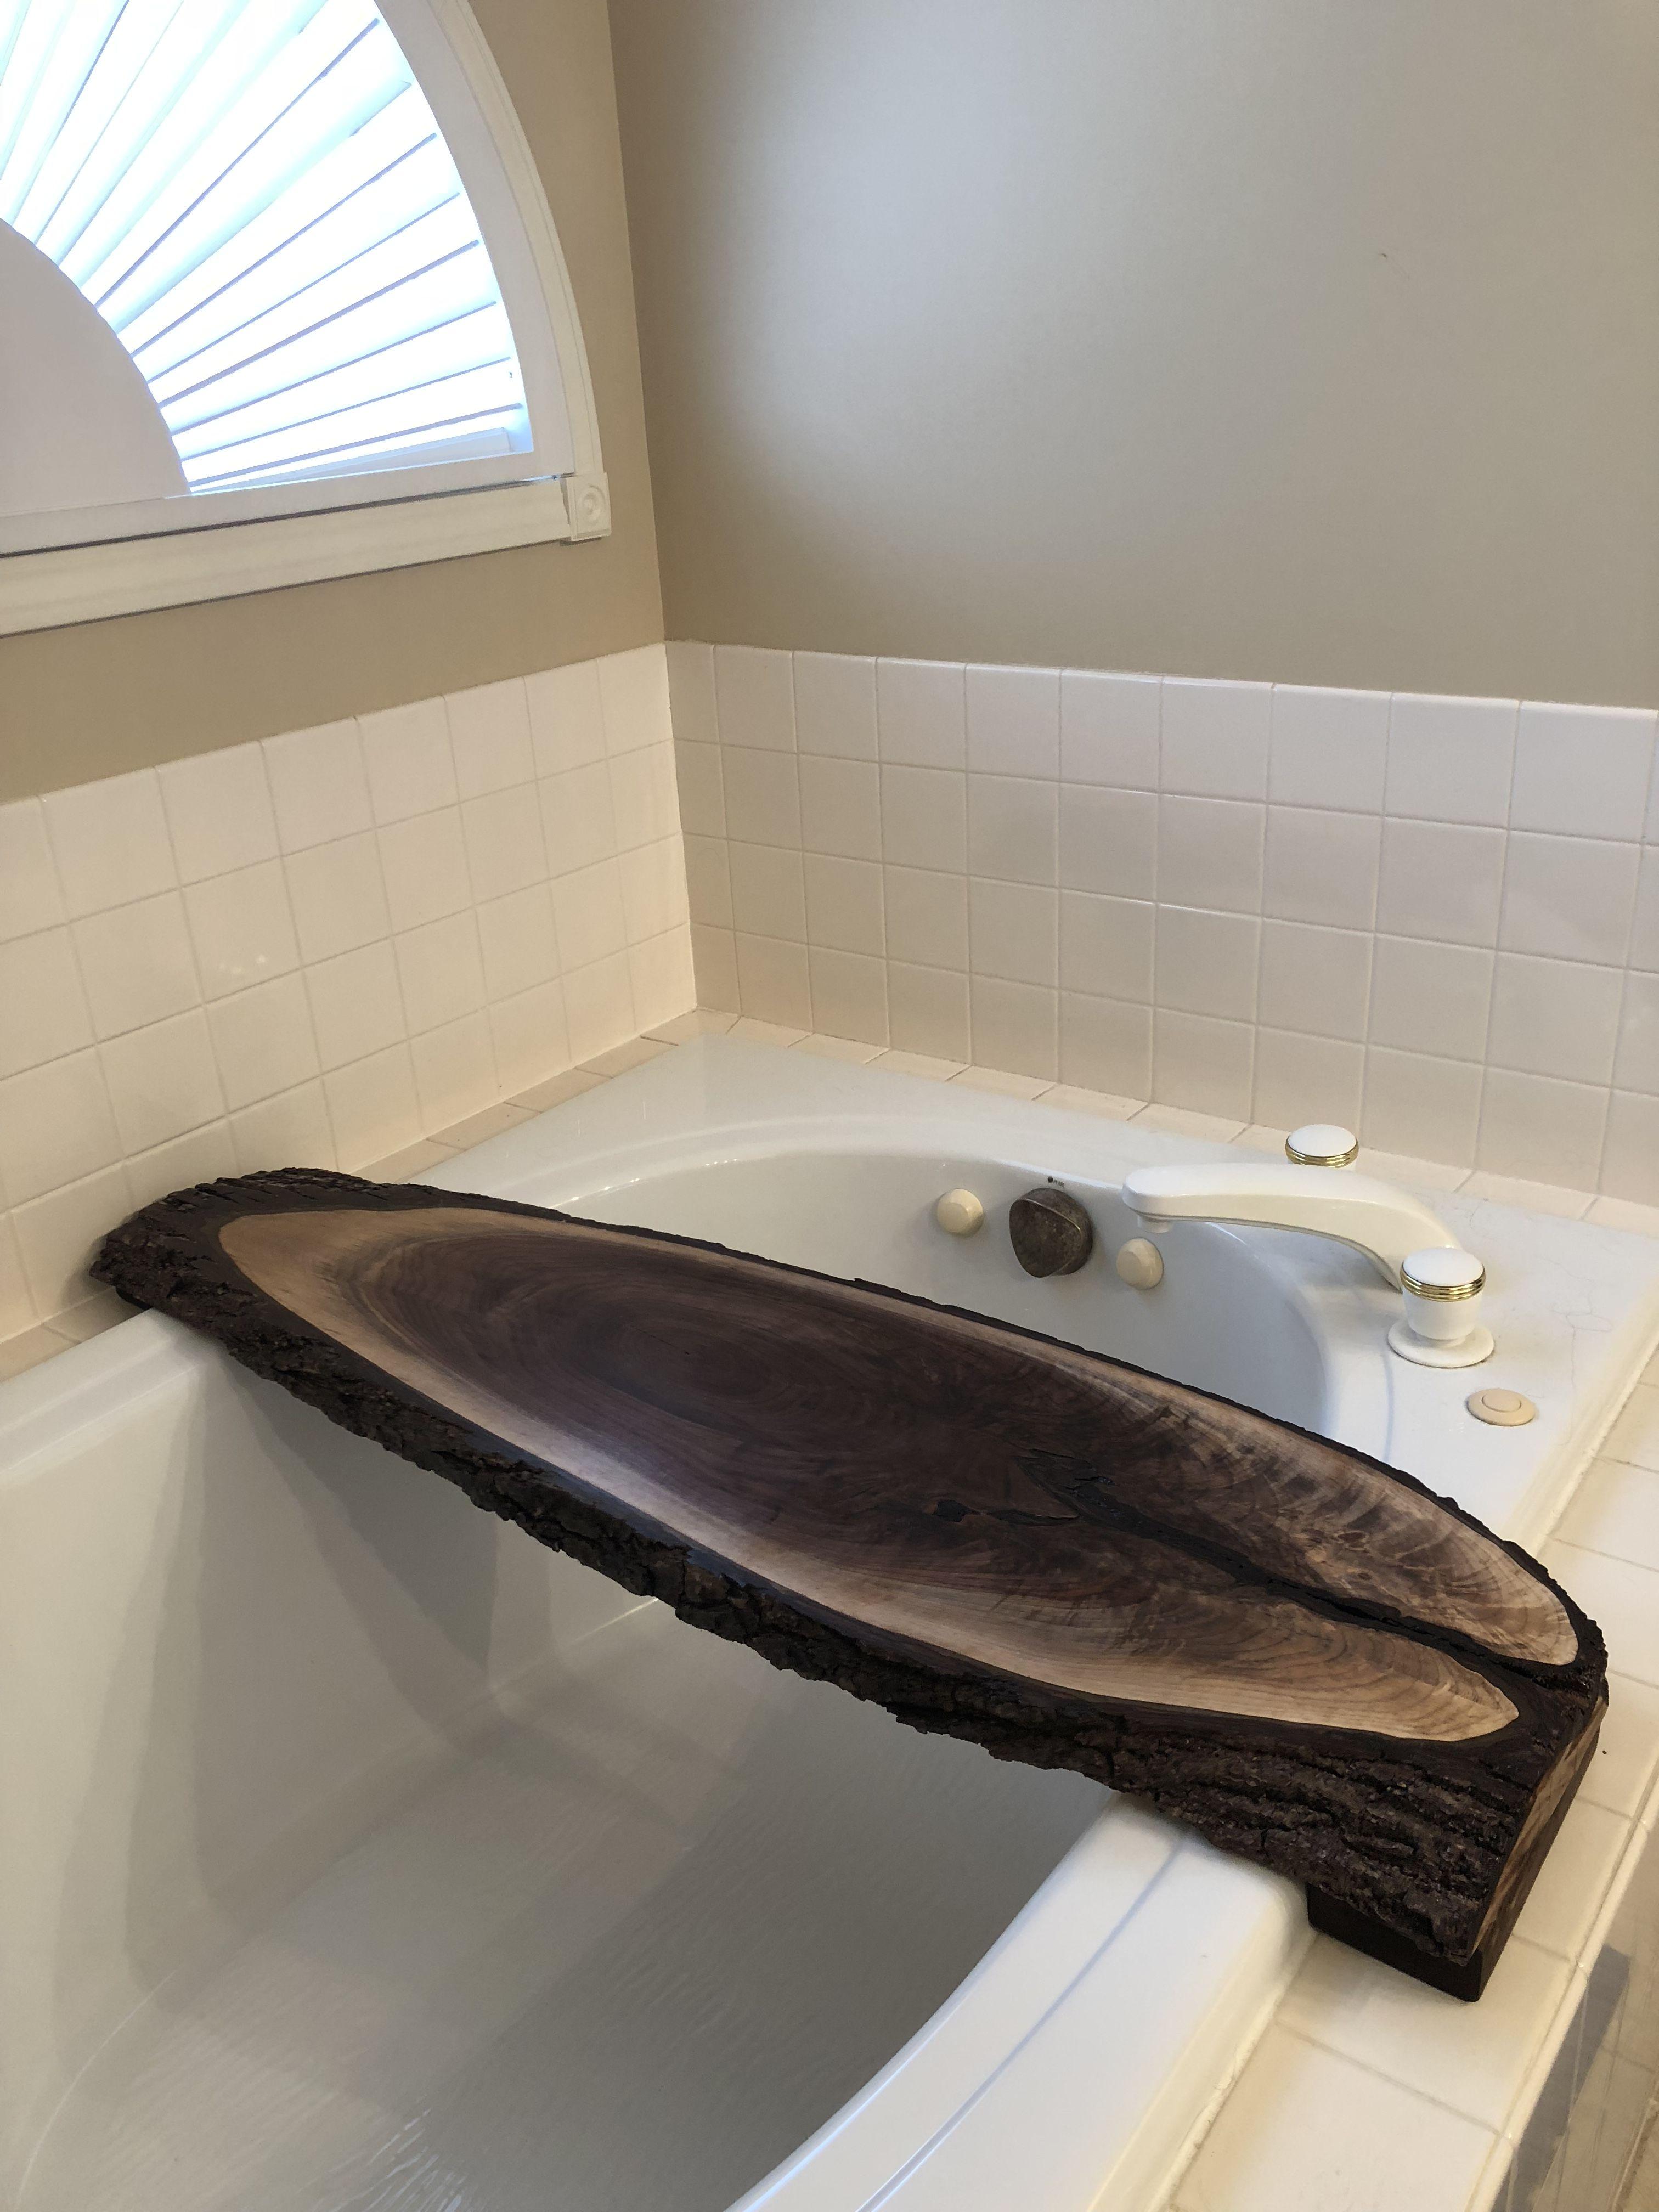 Bath tub shelf caddy made by my dear husband. Built from a slab of ...